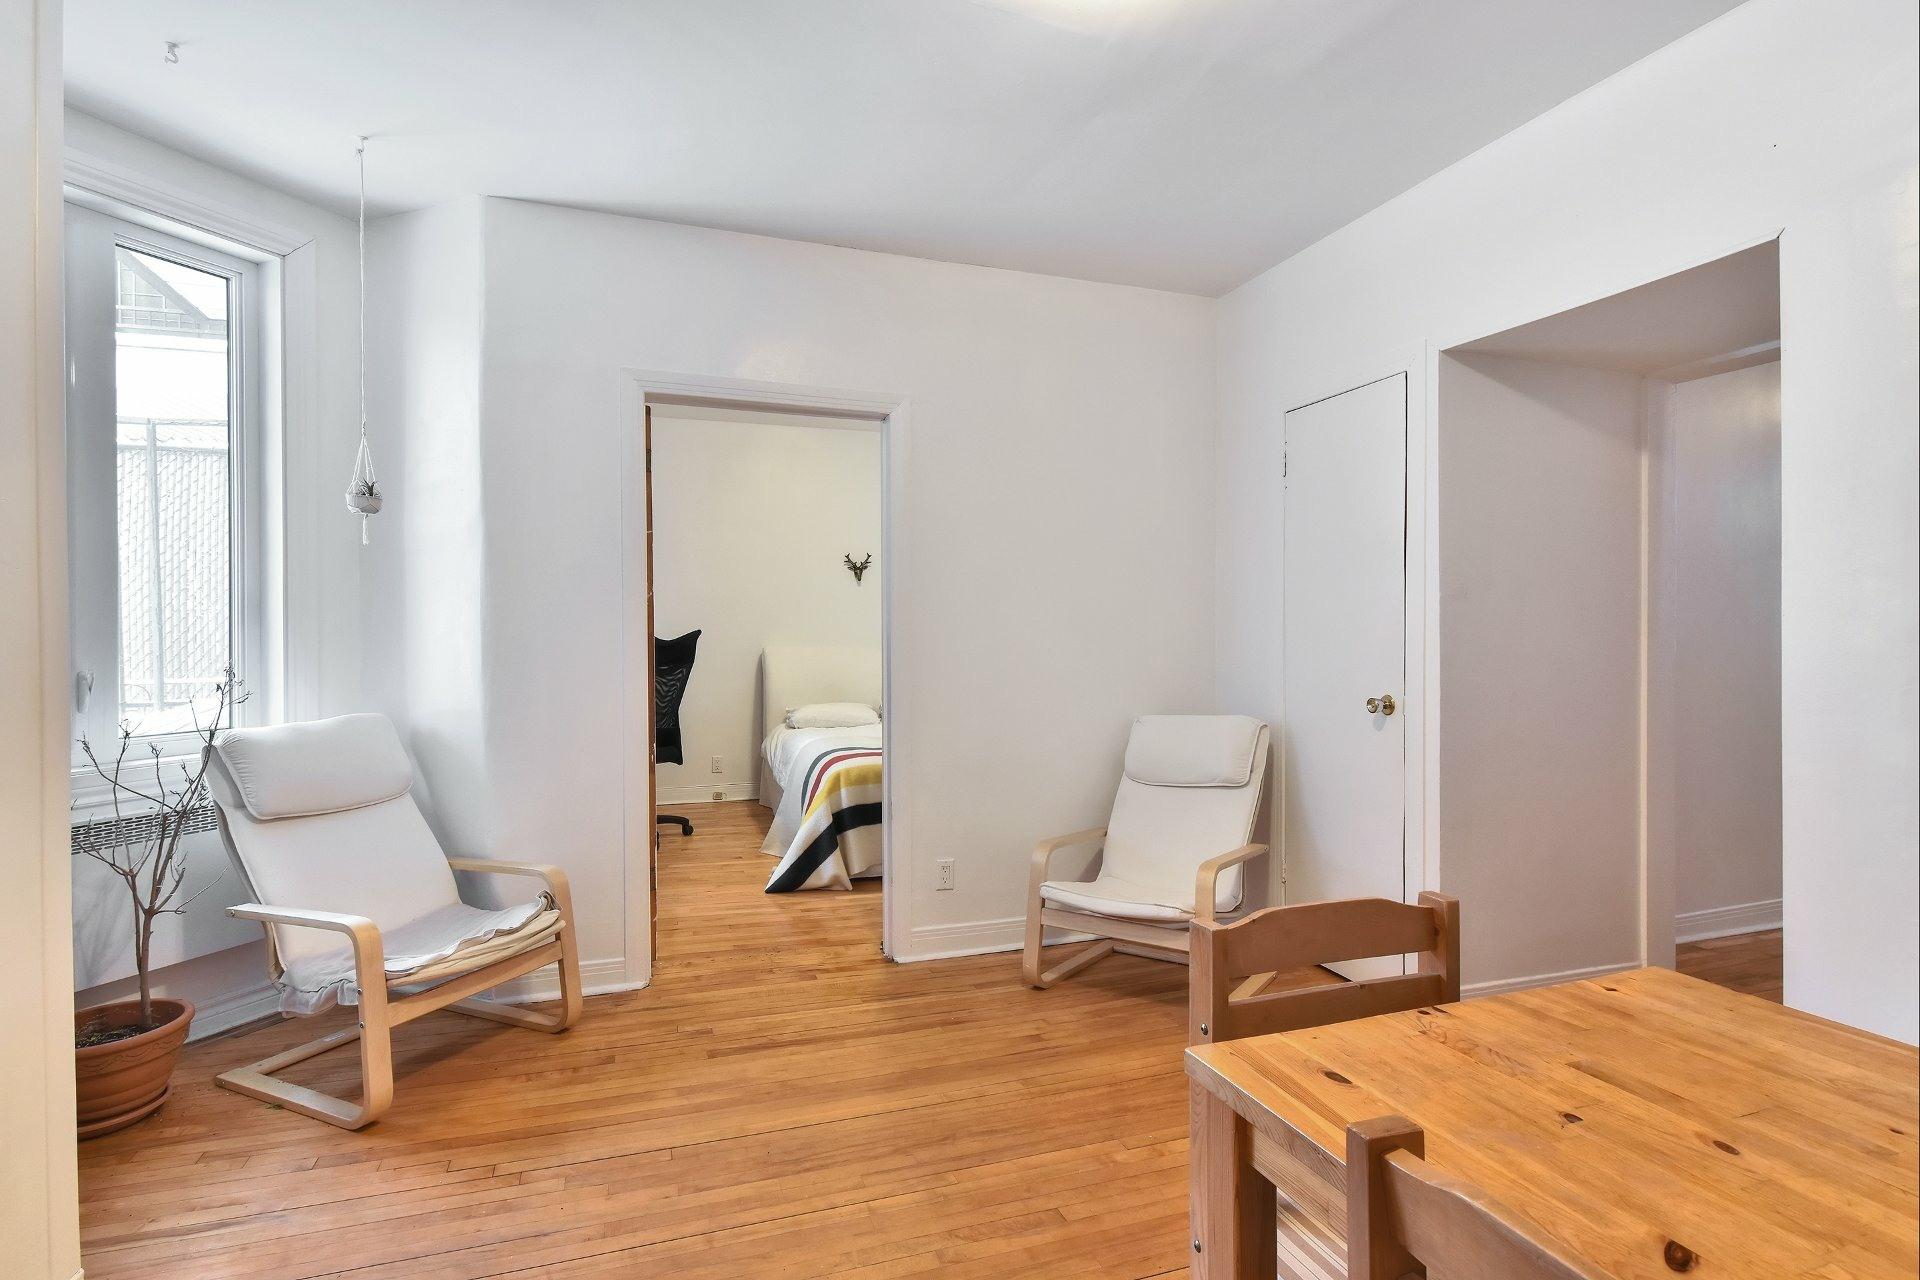 image 13 - Apartment For sale Côte-des-Neiges/Notre-Dame-de-Grâce Montréal  - 7 rooms